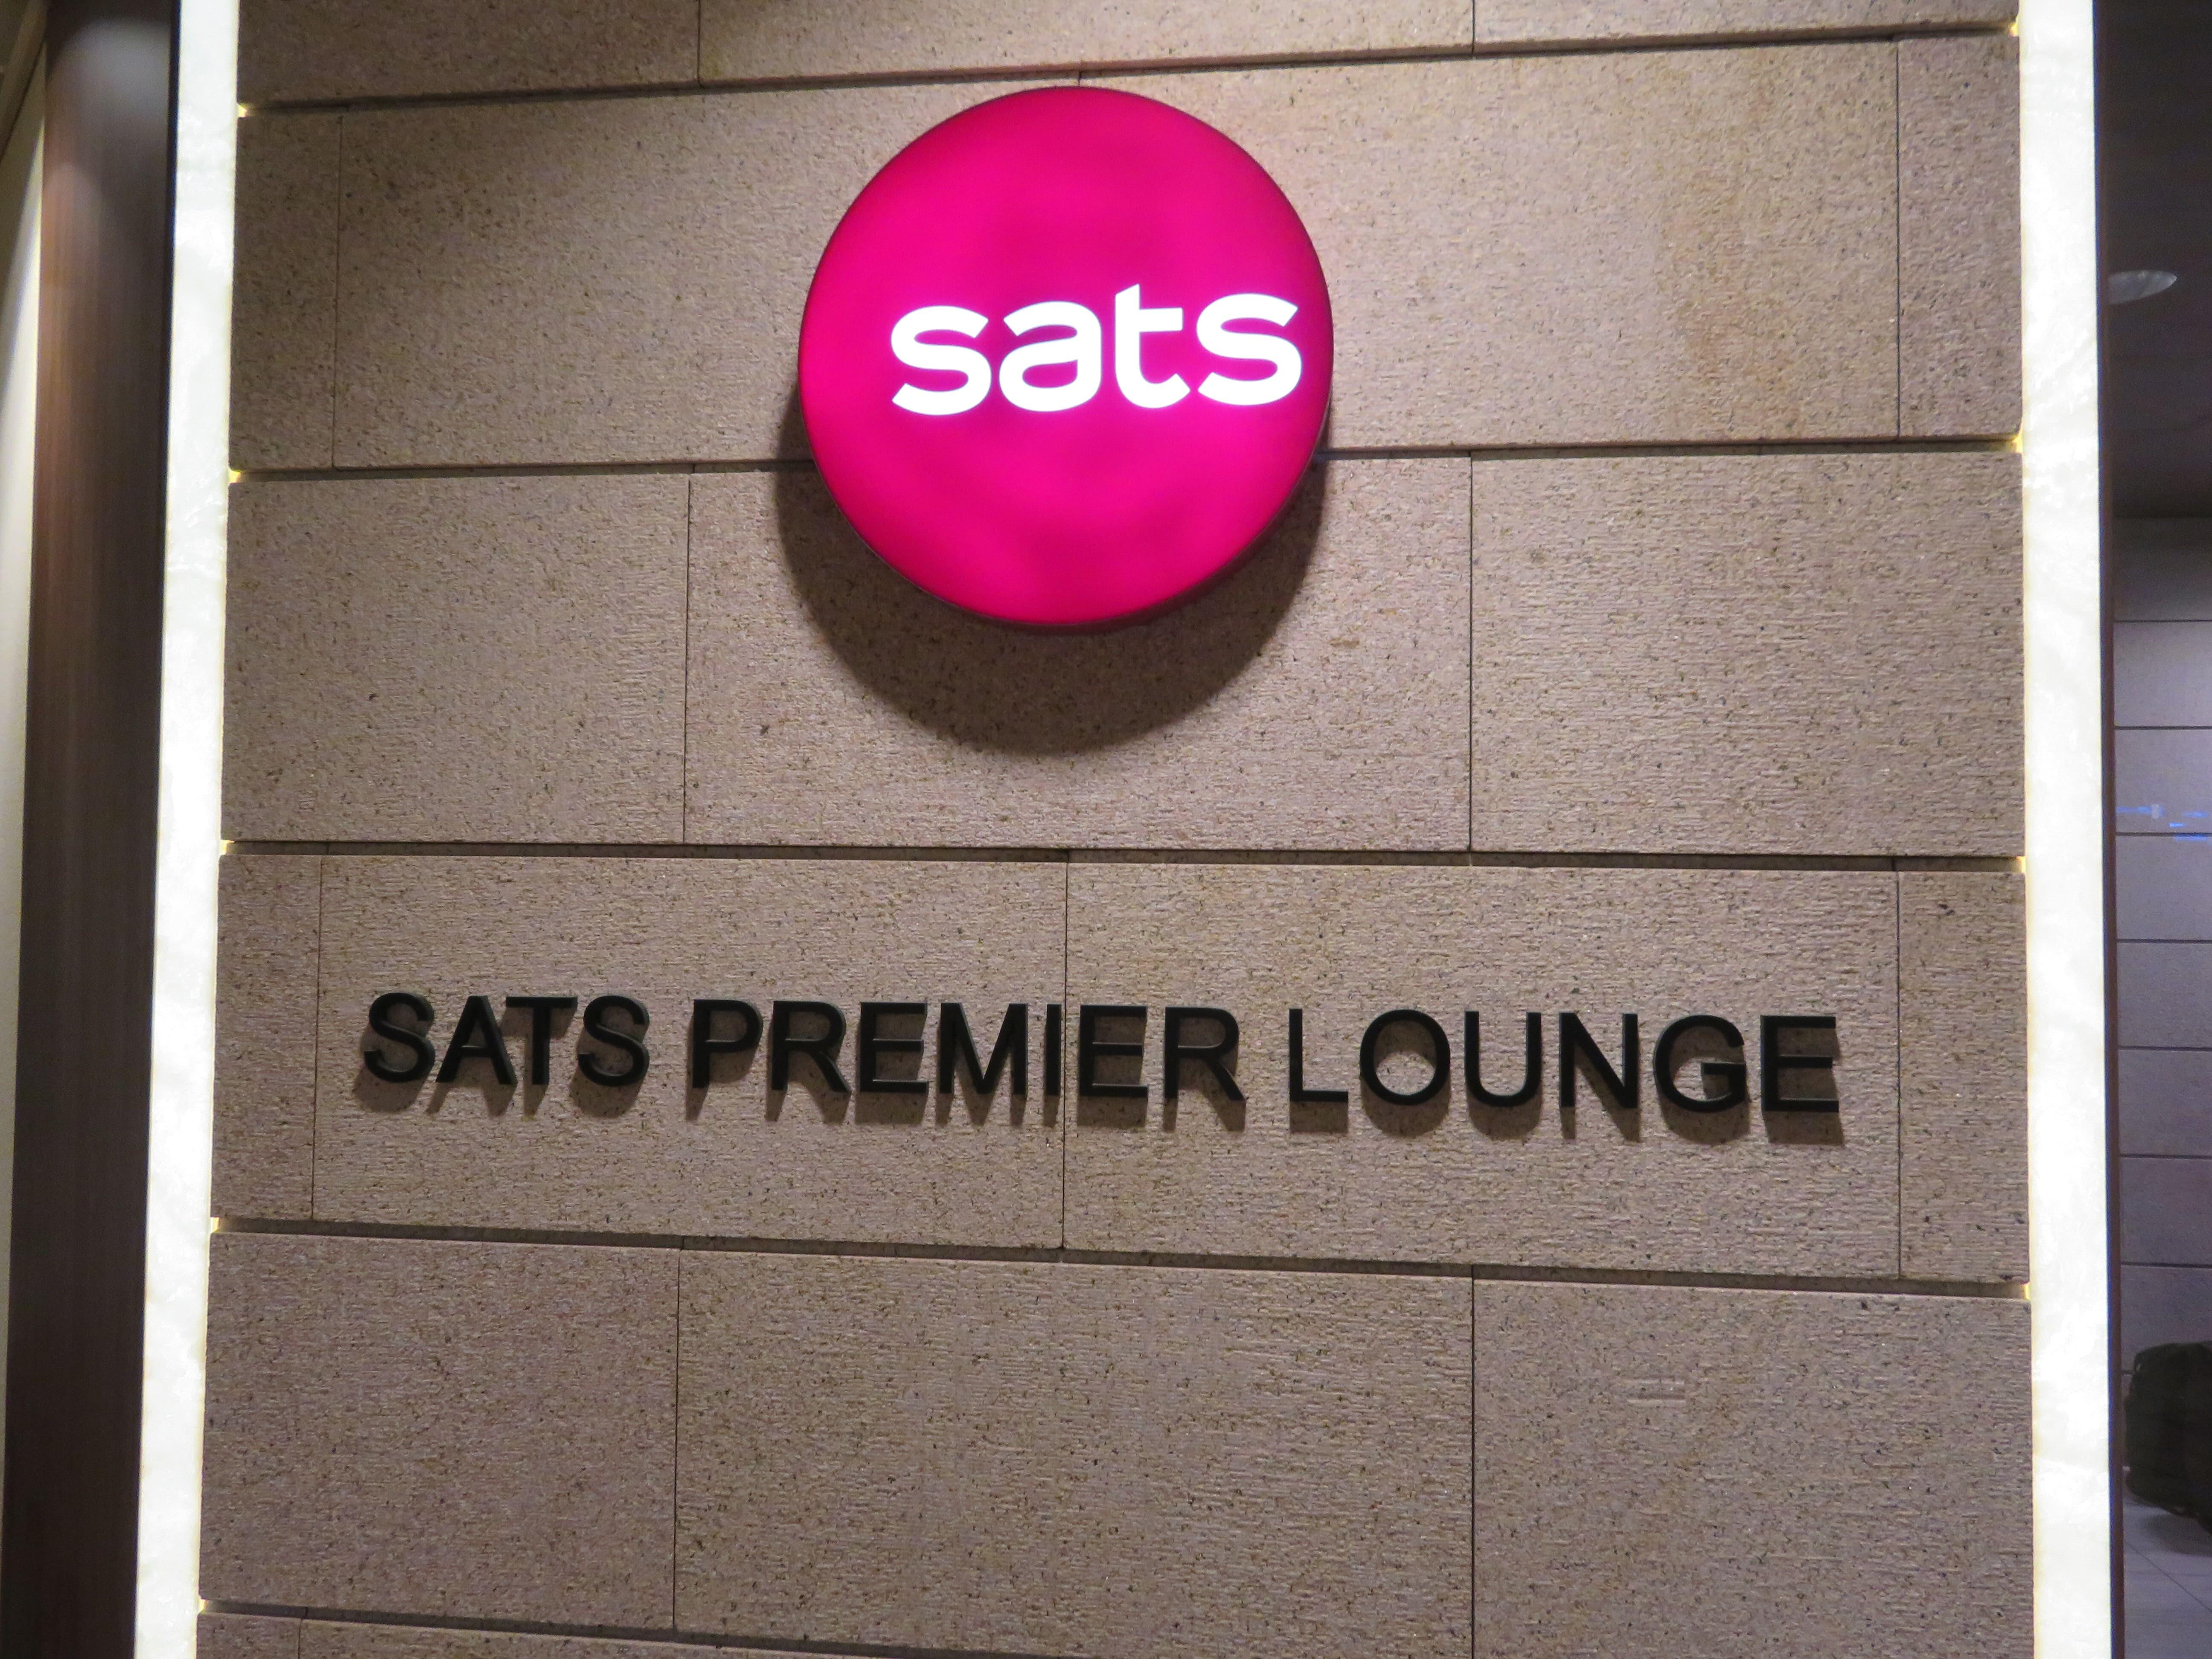 SATS Premier Lounge 看板